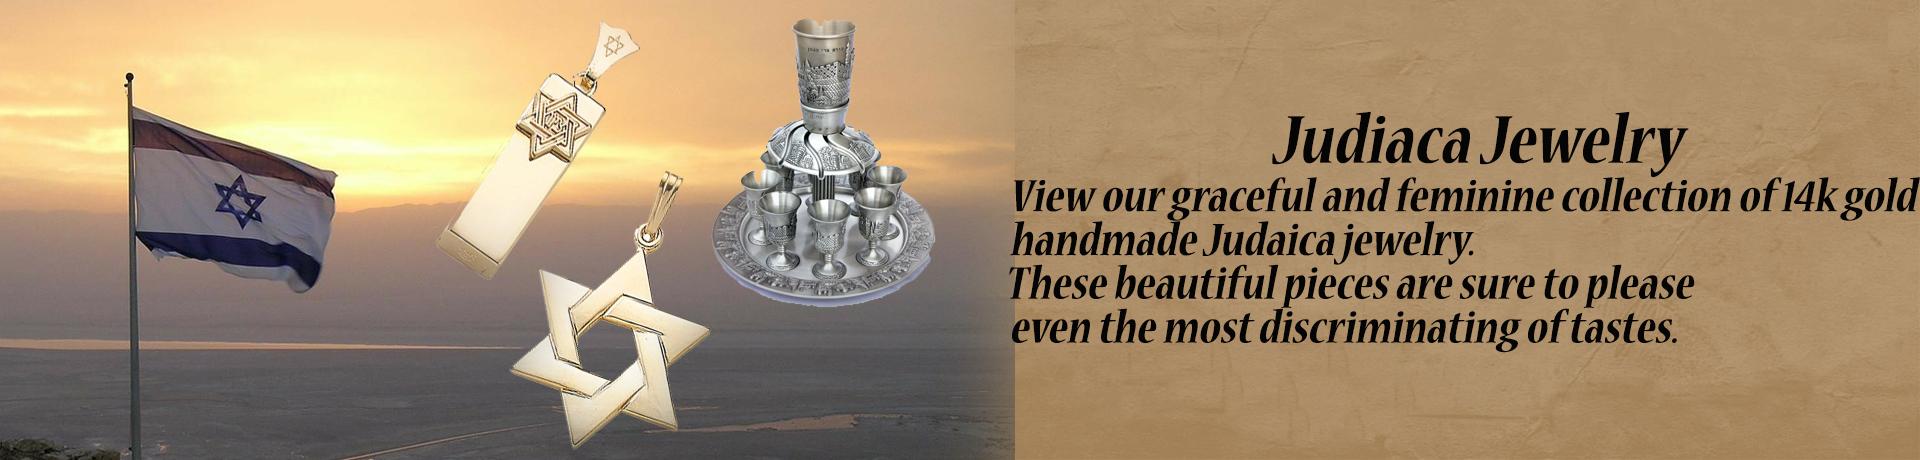 Judiaca Jewelry